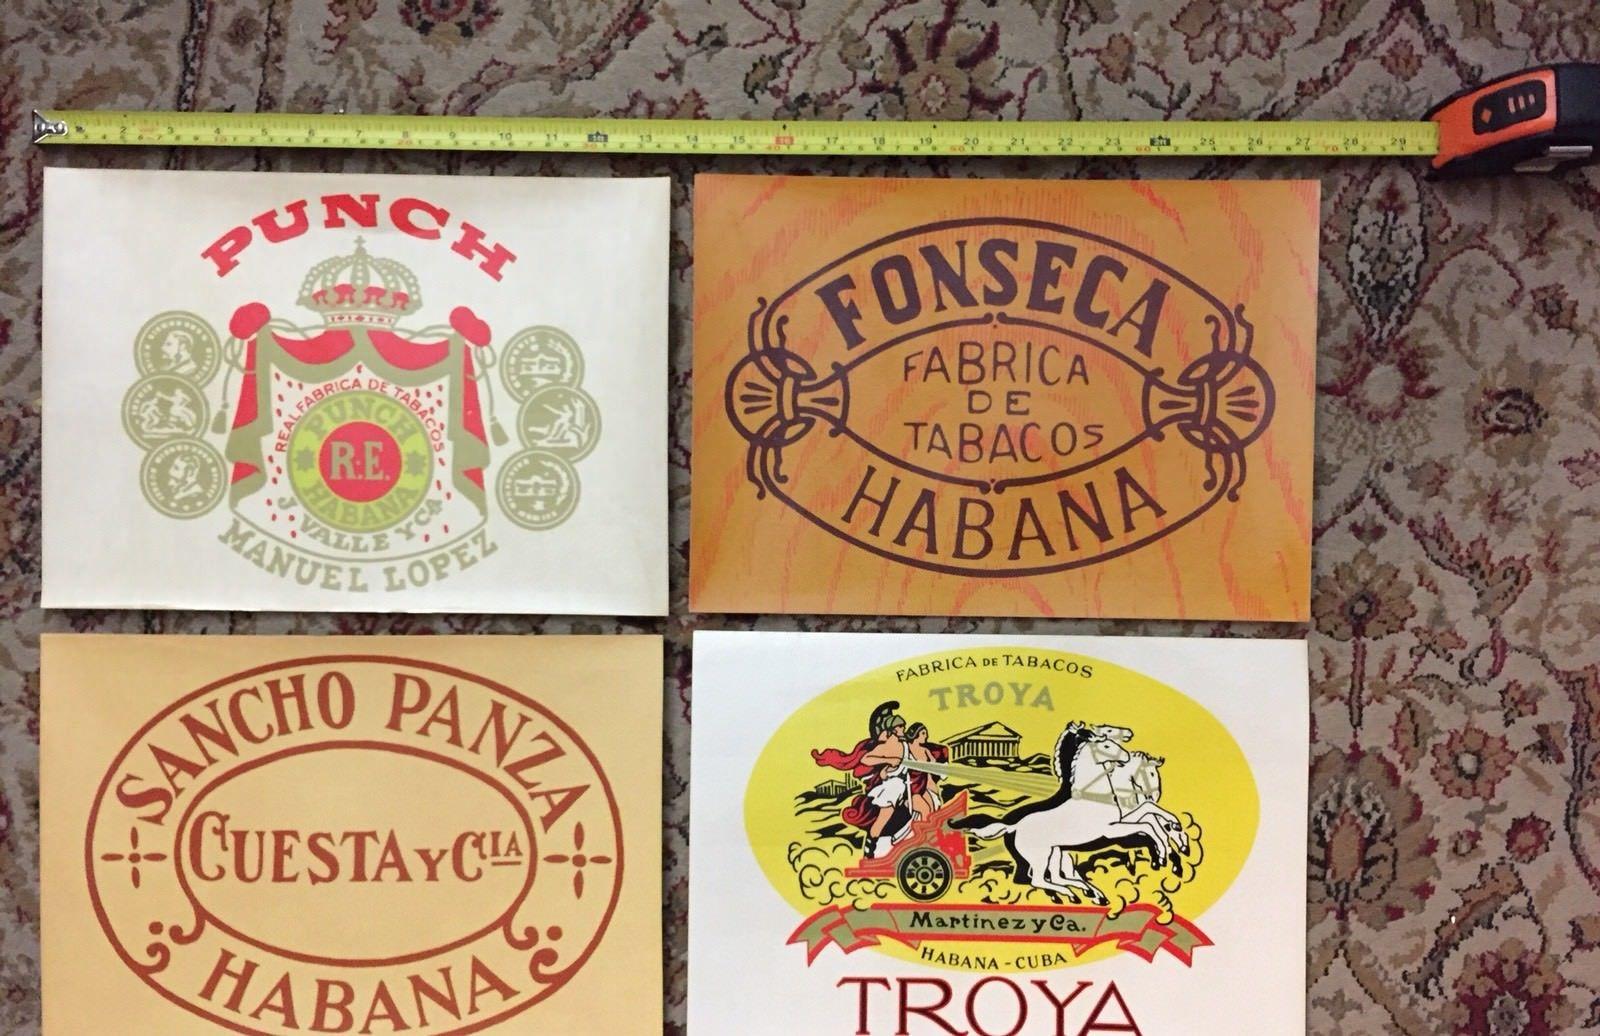 vintage-flyers-of-old-havana-cigar-factories-vintage-_57.jpg